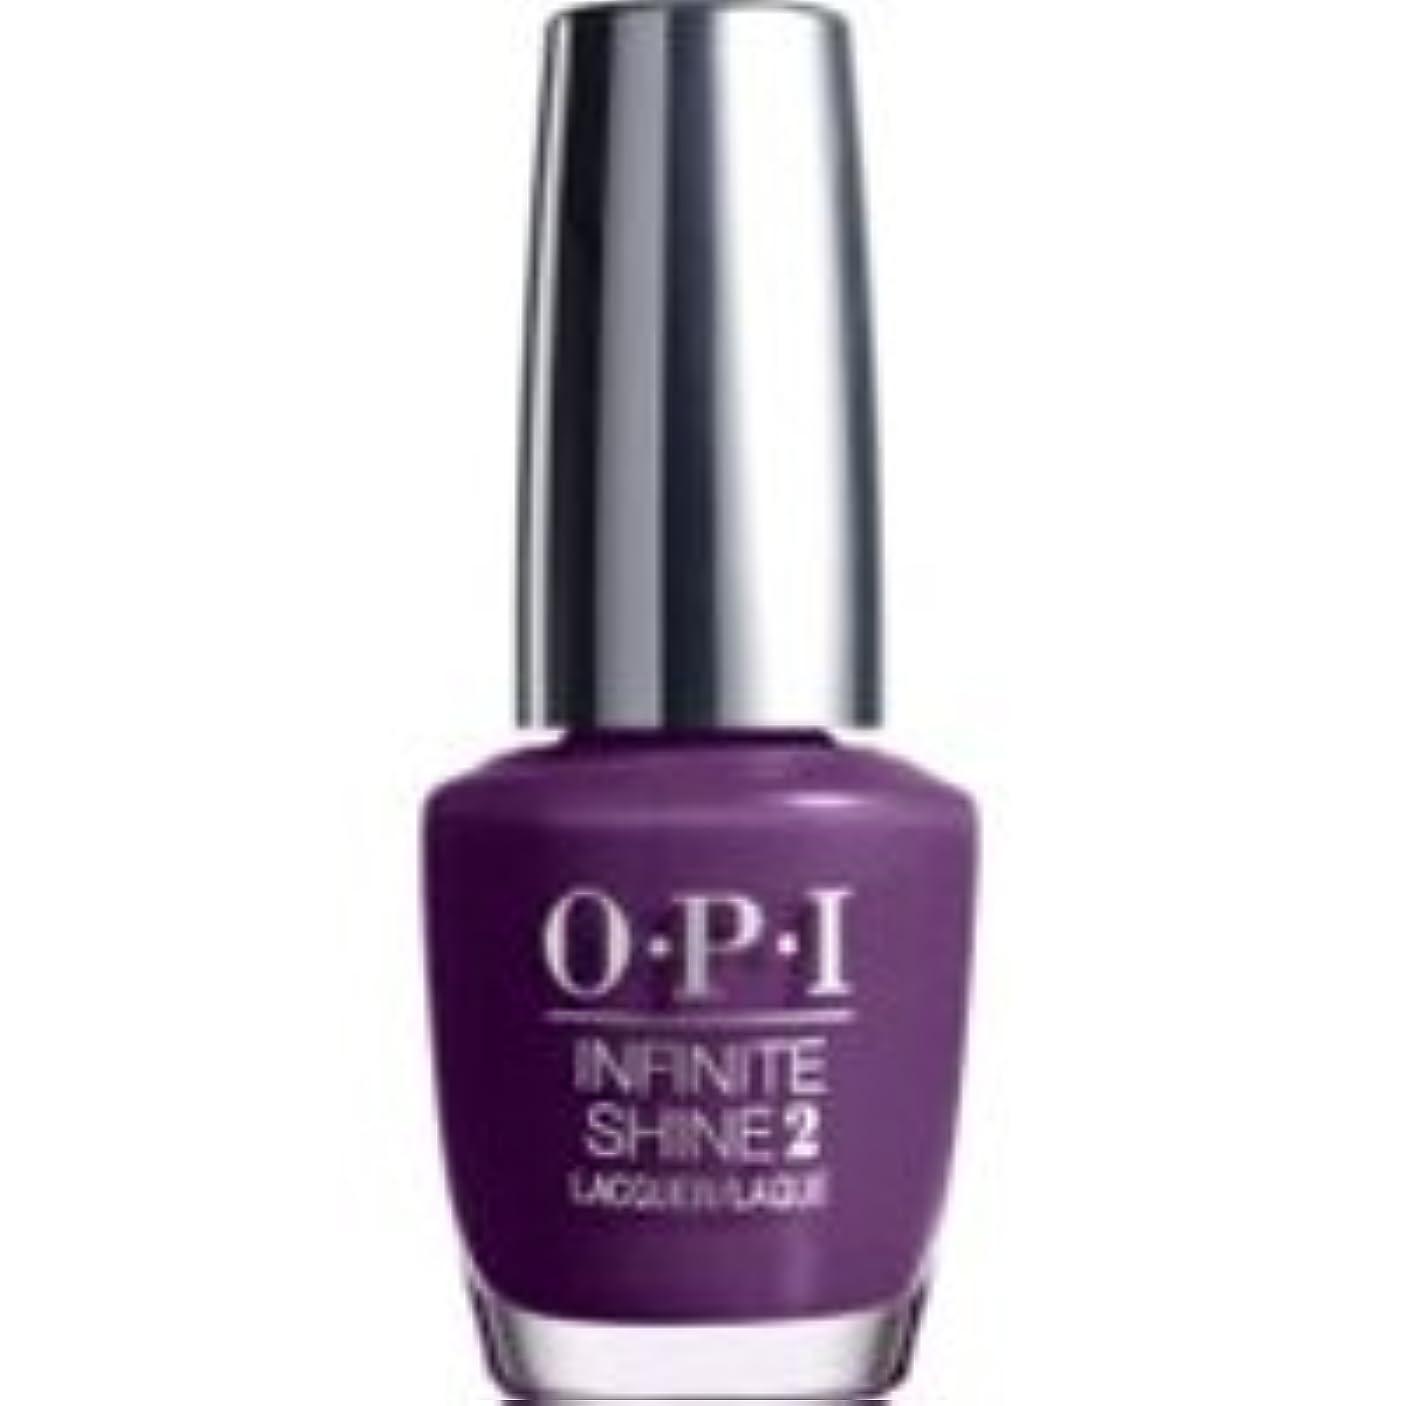 カート下向き敬礼O.P.I IS L52 Endless Purple Pursuit(エンドレスパープルパースート) #Endless Purple Pursuit